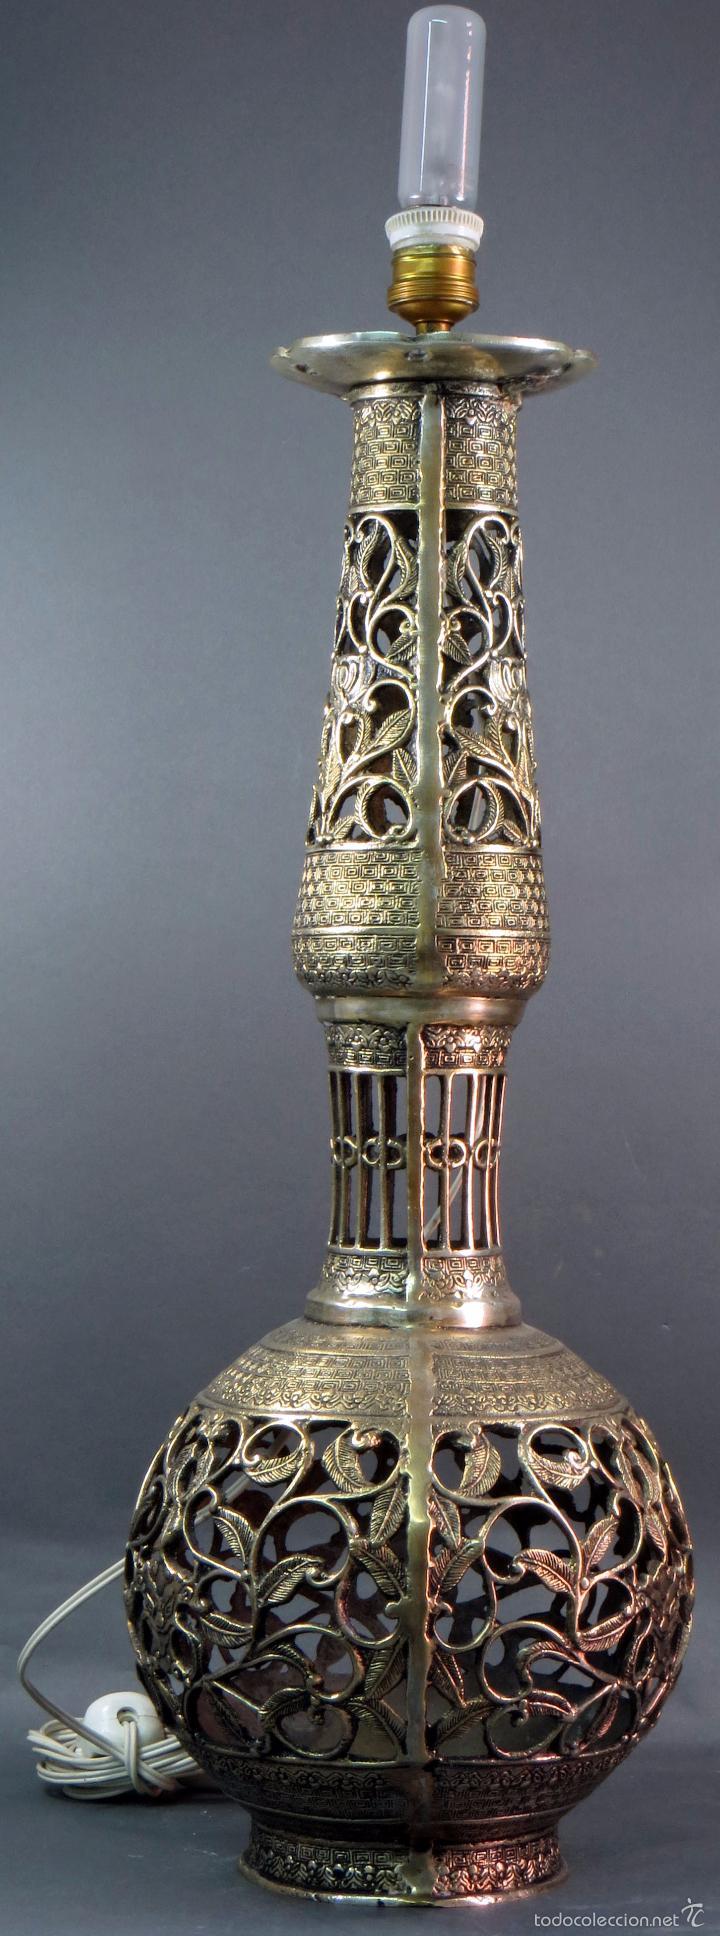 Antigüedades: Pie lámpara sobremesa bronce plateado estilo oriental S XX Funciona - Foto 4 - 58682684